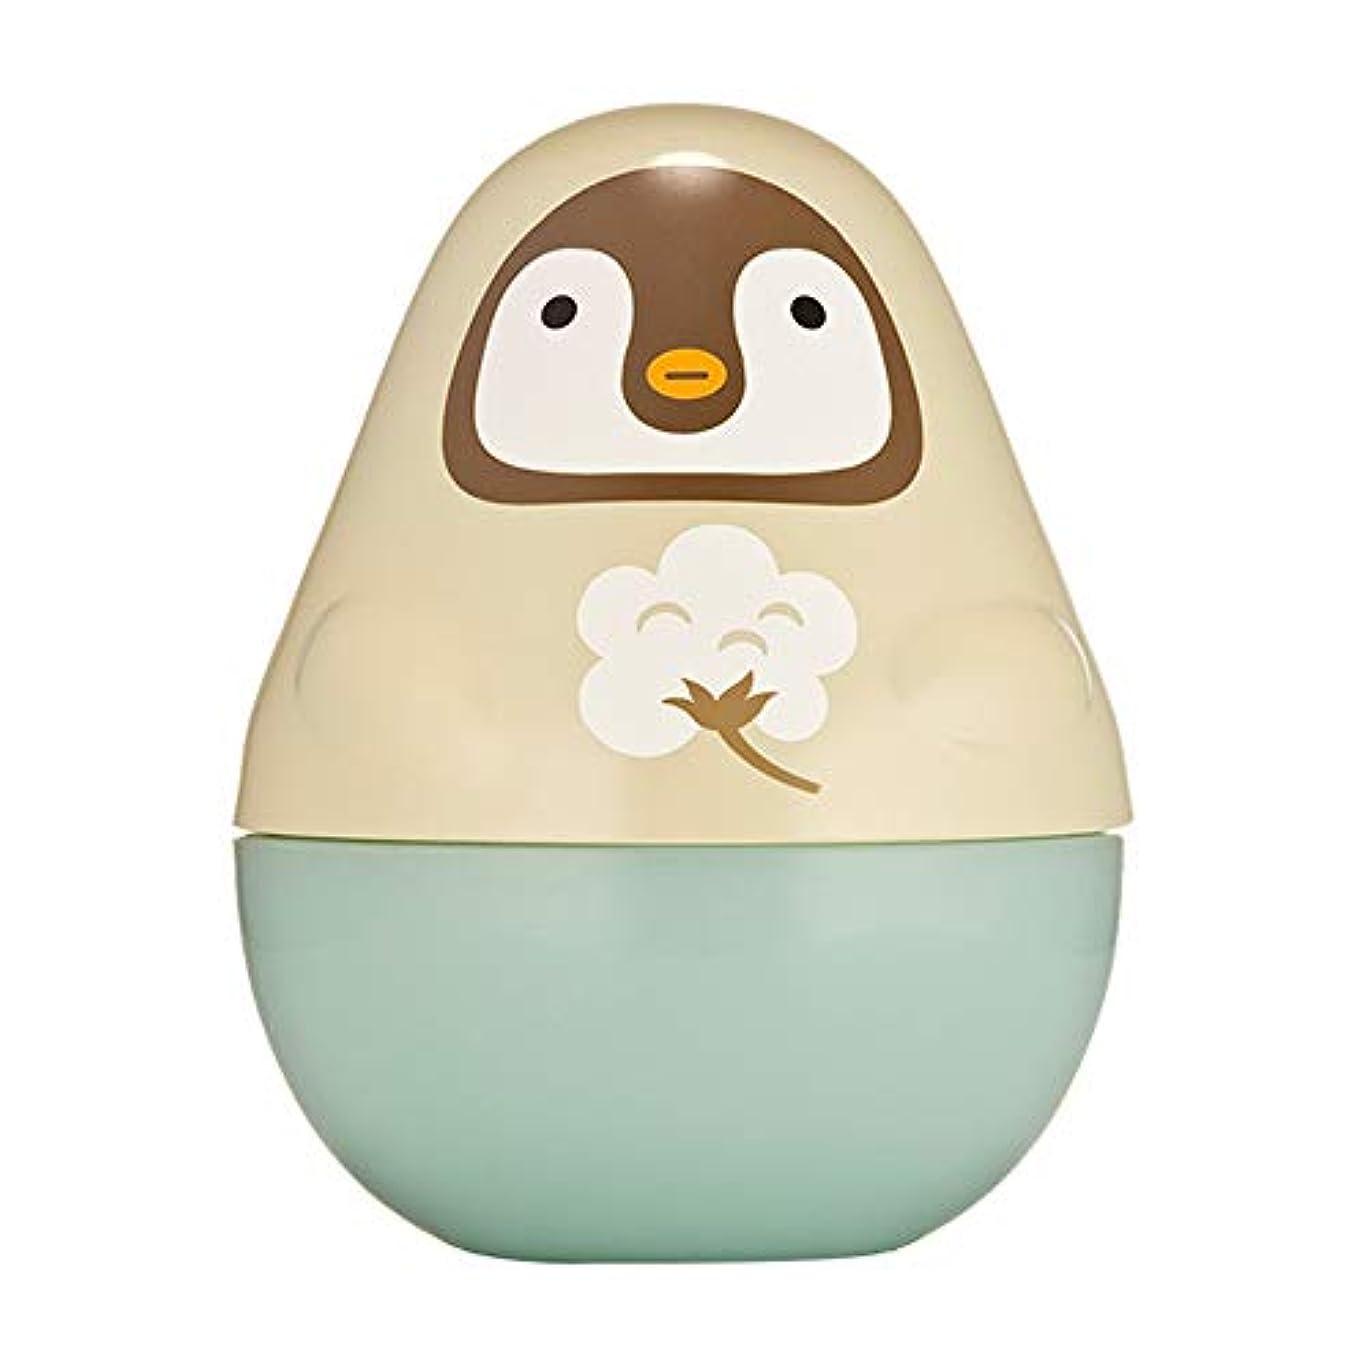 許すキャンバス第五エチュードハウス(ETUDE HOUSE) ミッシングユー ハンドクリーム ペンギン(ベビーパウダーの香り)